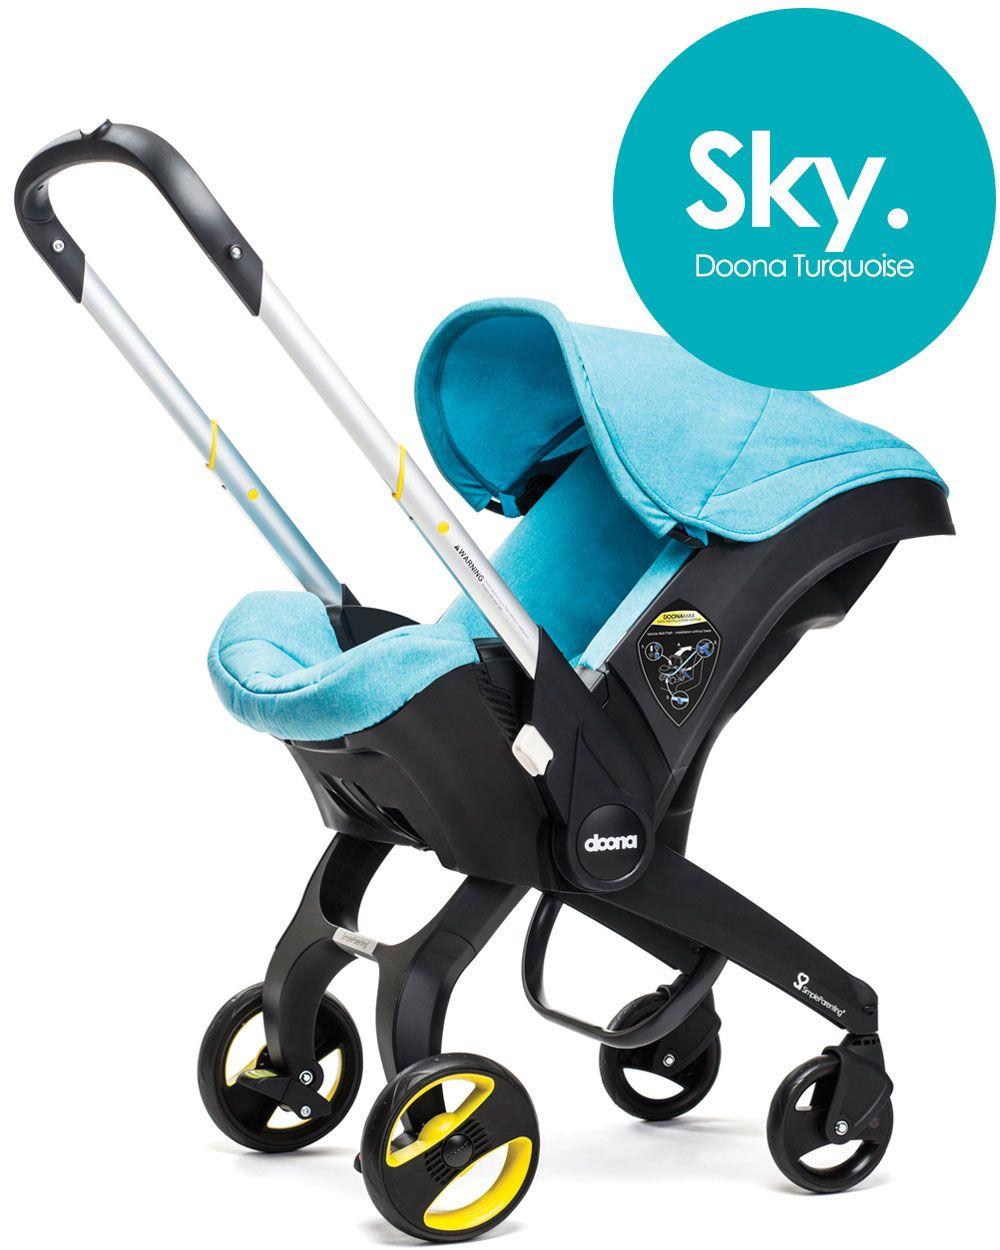 Doona Turquoise/Sky Doona car seat stroller, Baby car